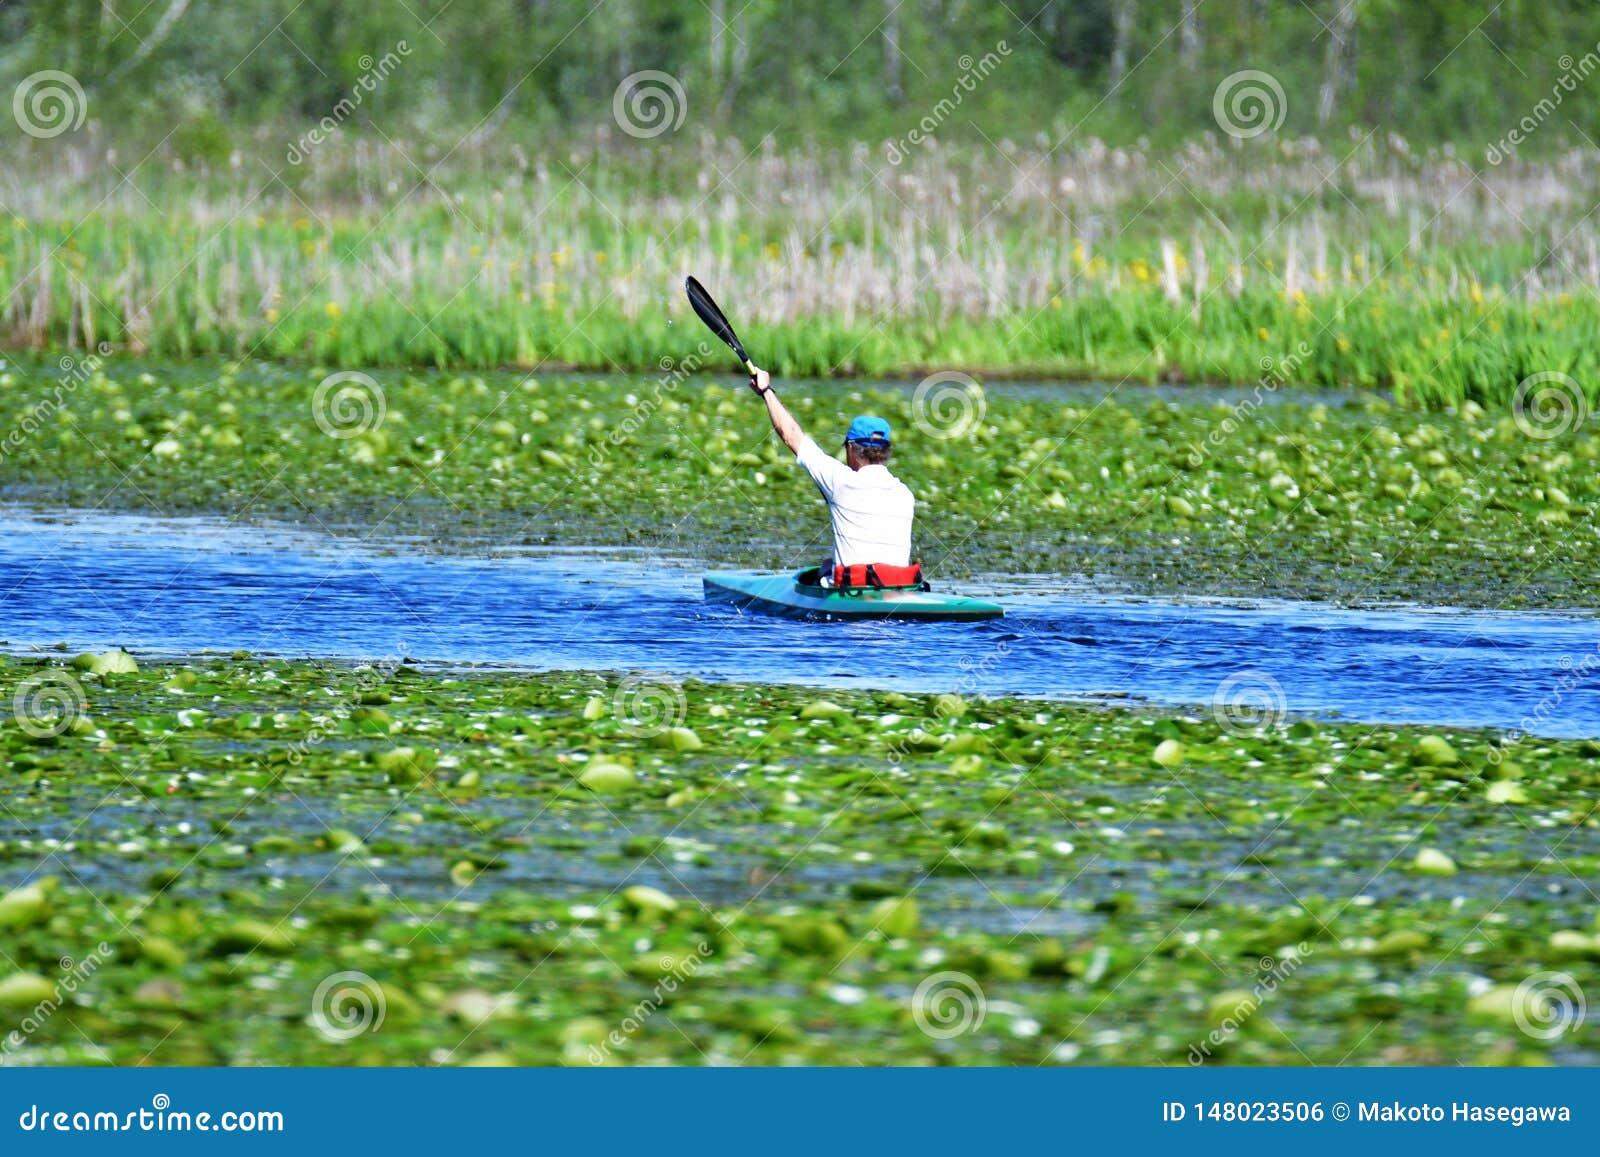 Ein Mann rudert entlang dem See auf einem Kajak